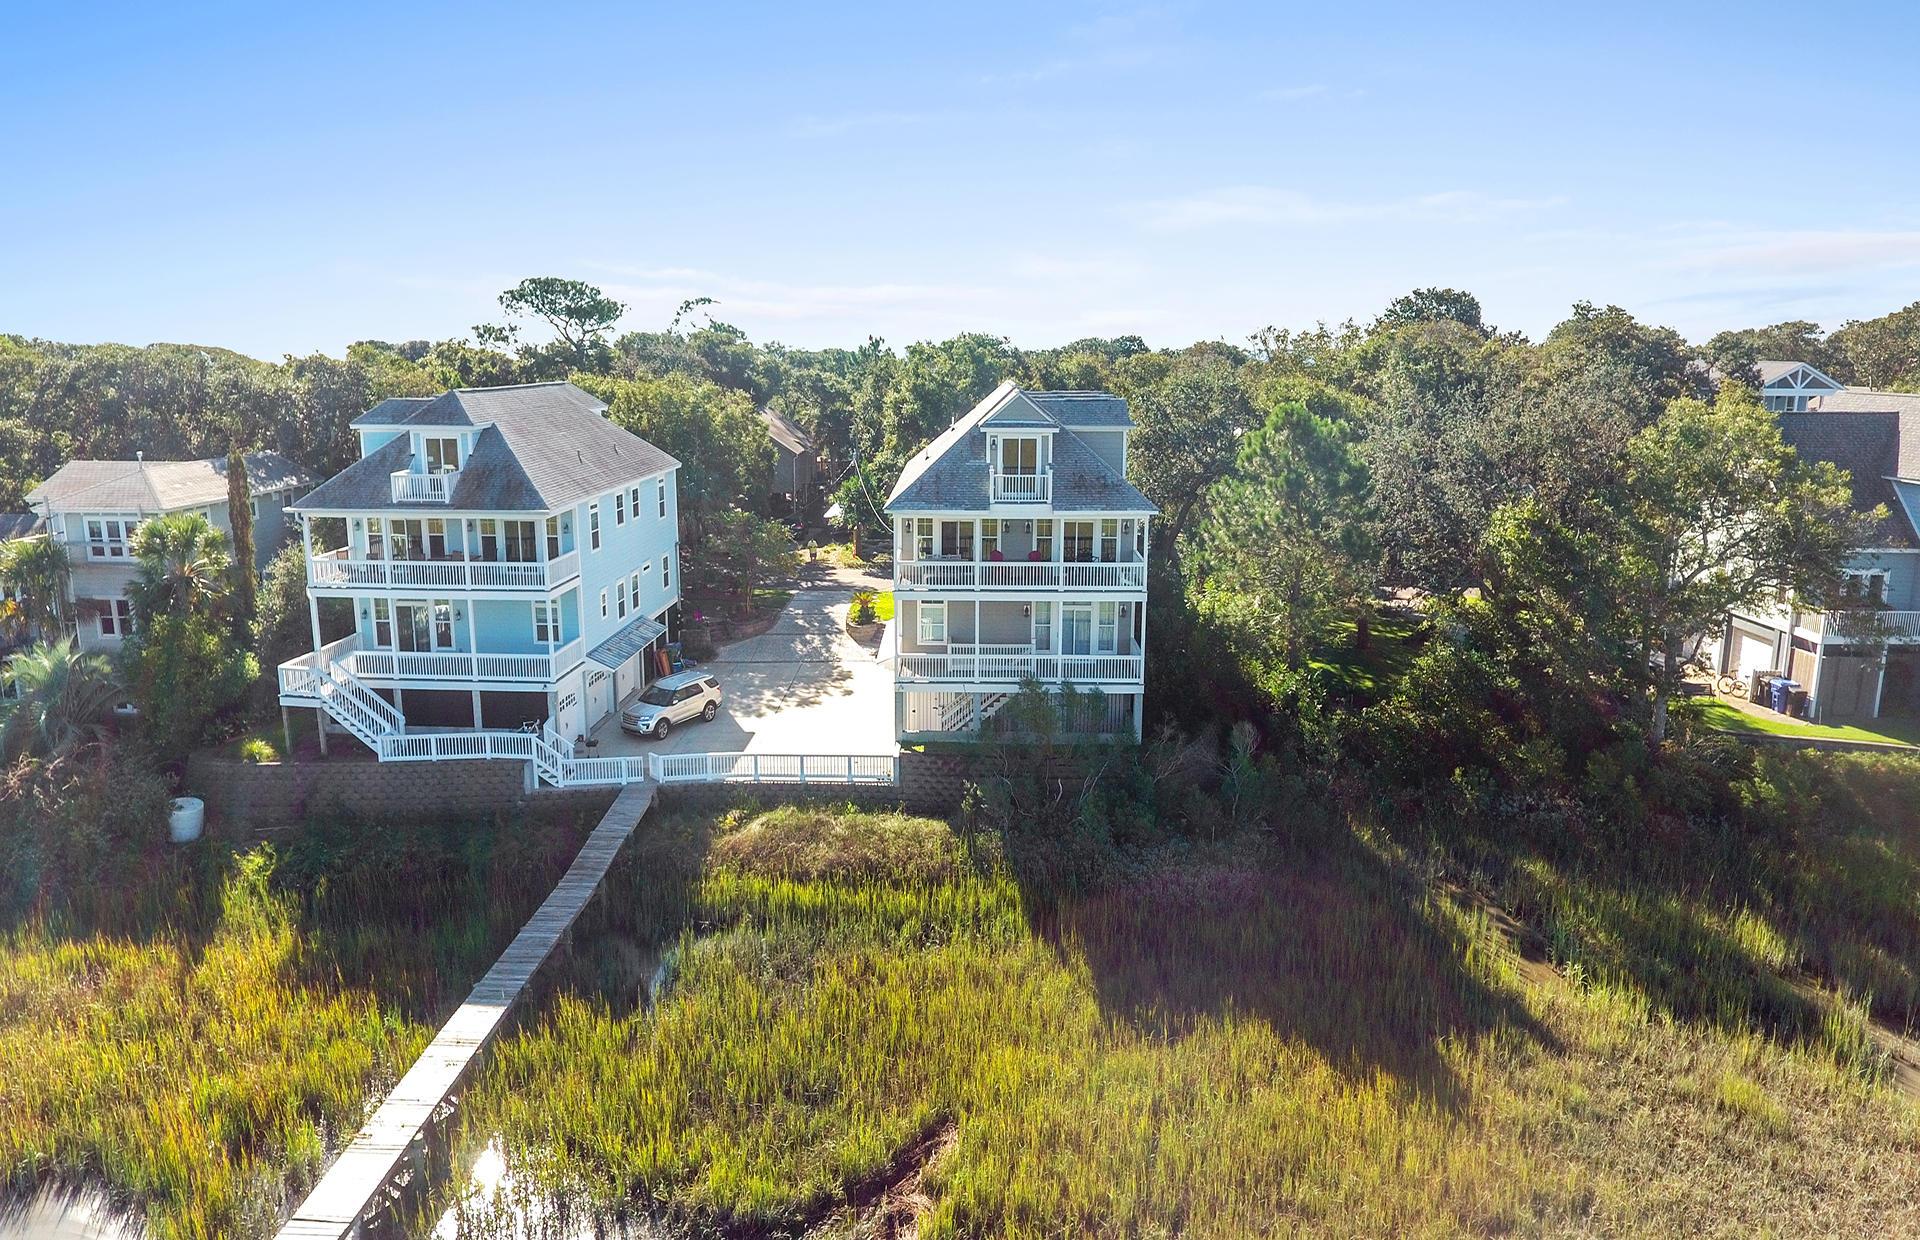 Folly Beach Homes For Sale - 616 Erie, Folly Beach, SC - 14